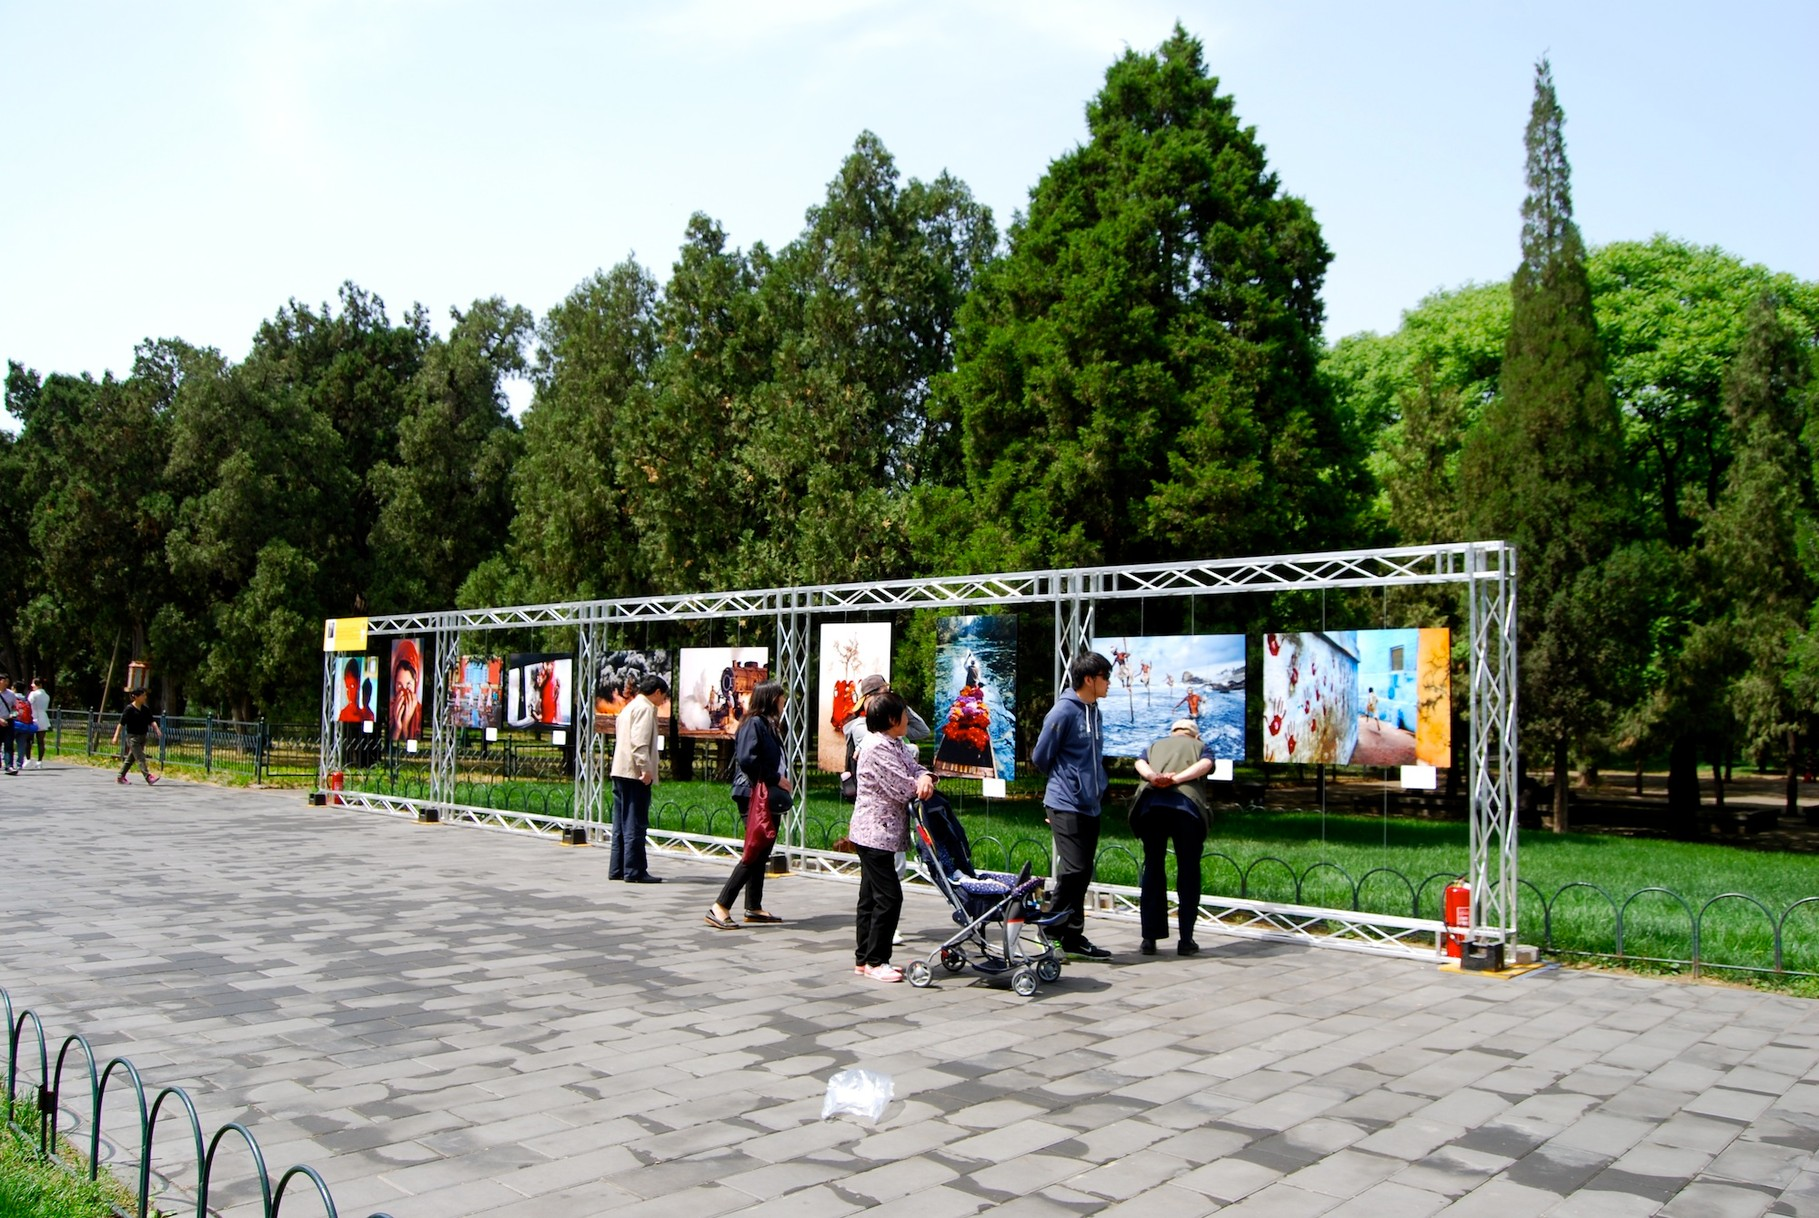 Fotoausstellung im Park des Himmlischen Tempels